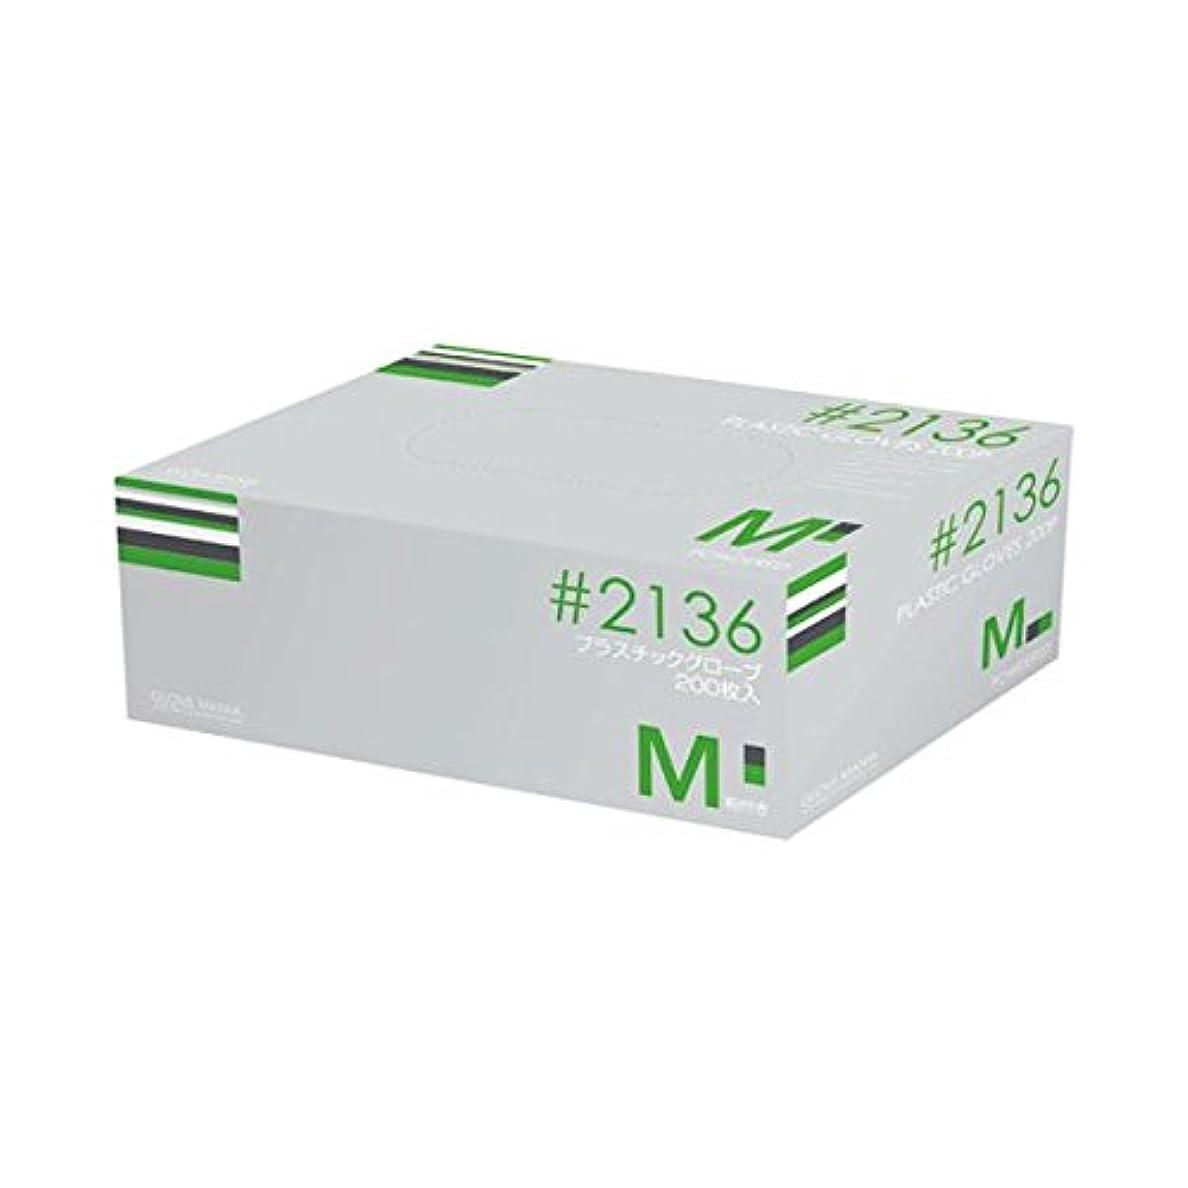 サンプル共役ペナルティ(業務用10セット) 川西工業 プラスティックグローブ #2136 M 粉付 ds-1913514